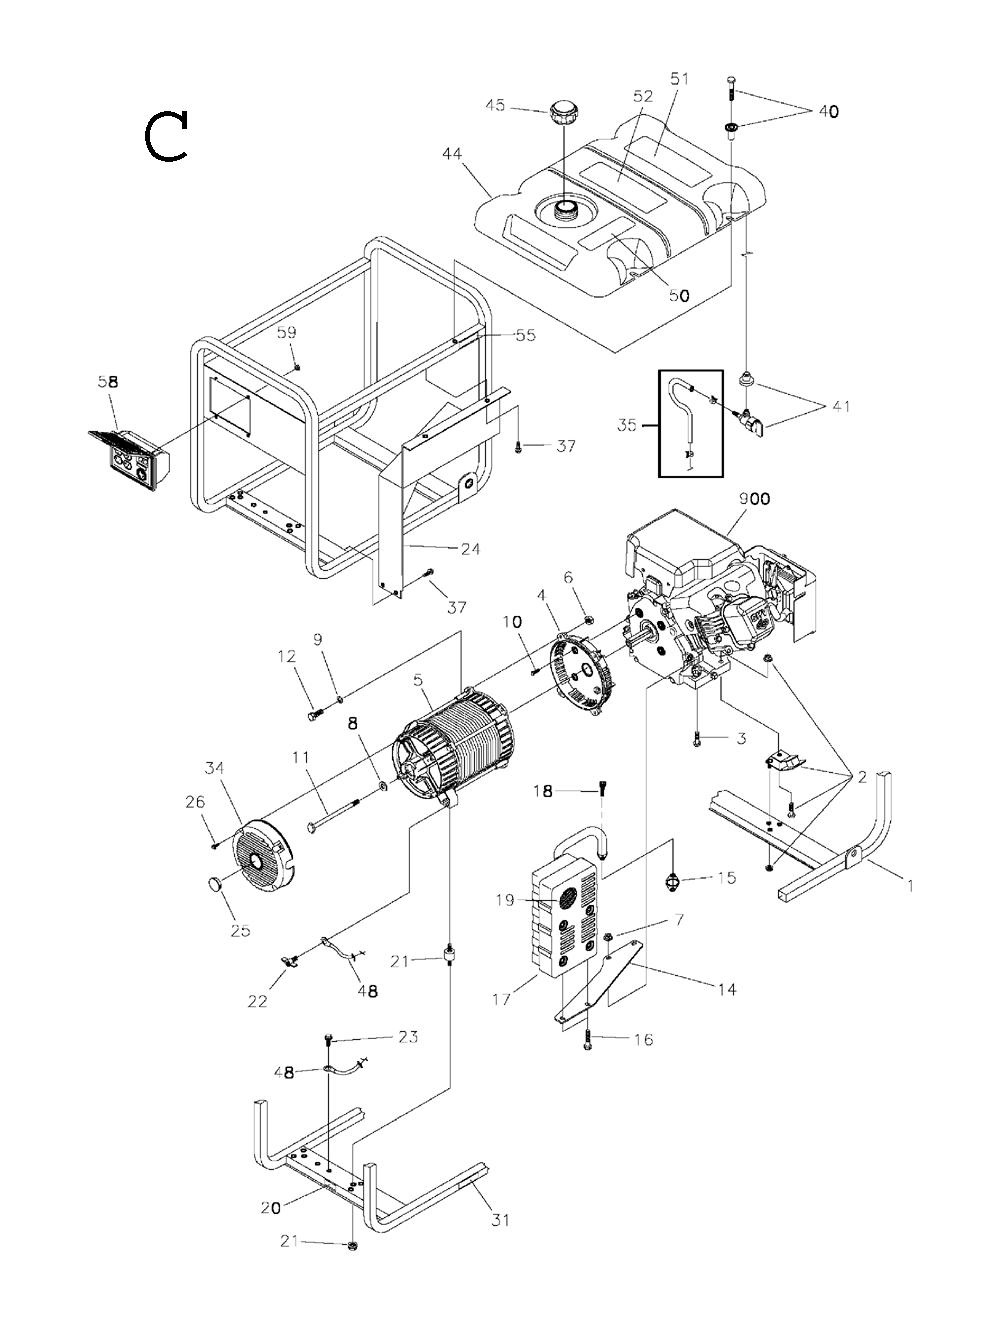 030208-0-BriggsandStratton-PB-2Break Down